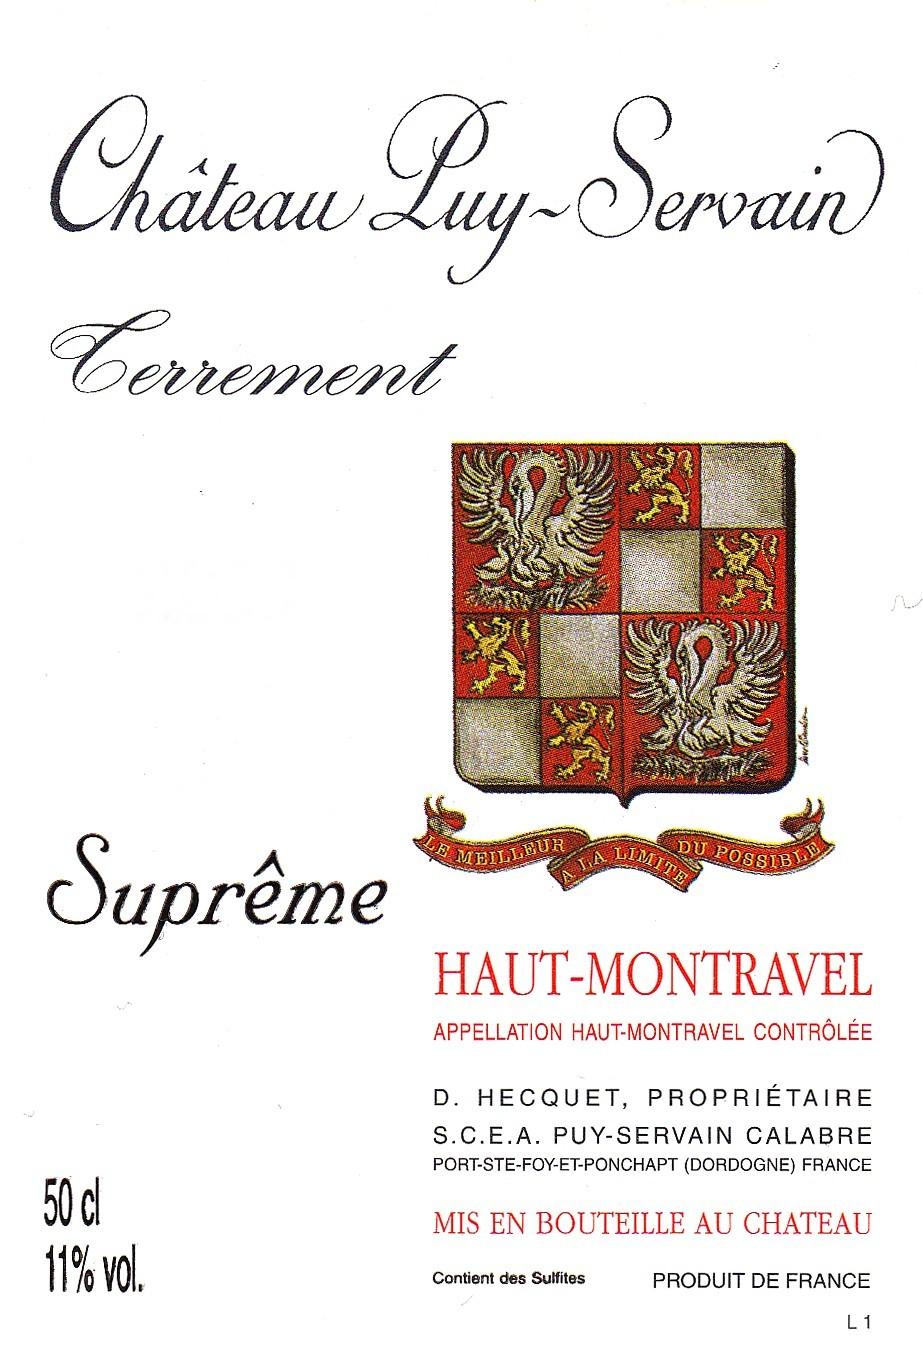 Etiquette Château Puy Servain Suprême Haut-Montravel